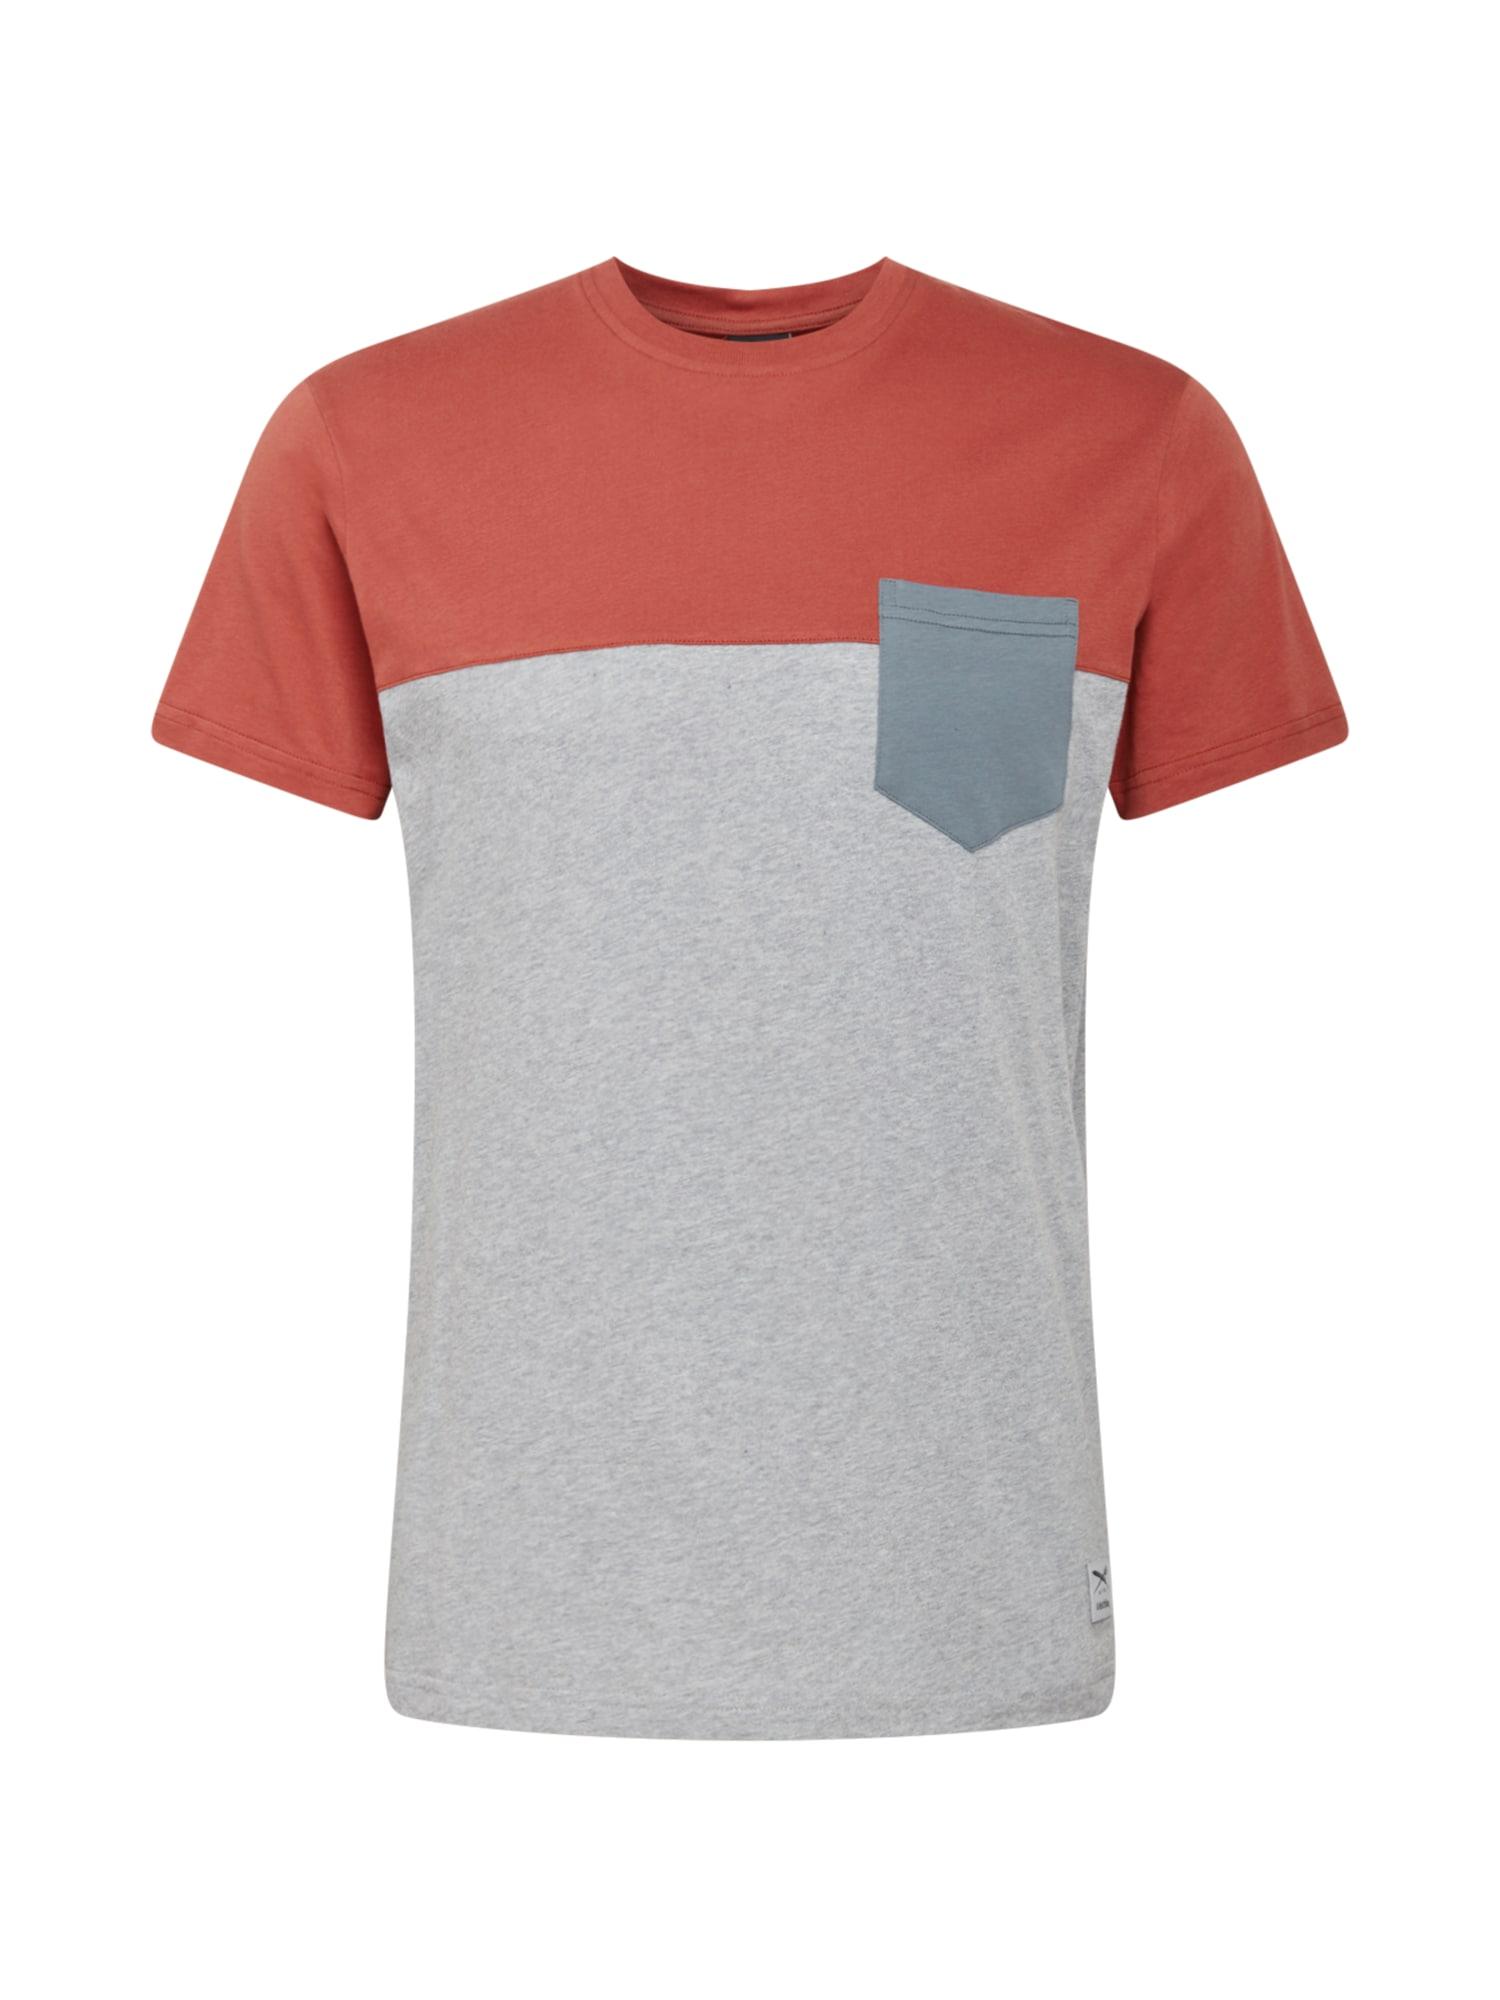 Iriedaily Marškinėliai margai pilka / bazalto pilka / melionų spalva